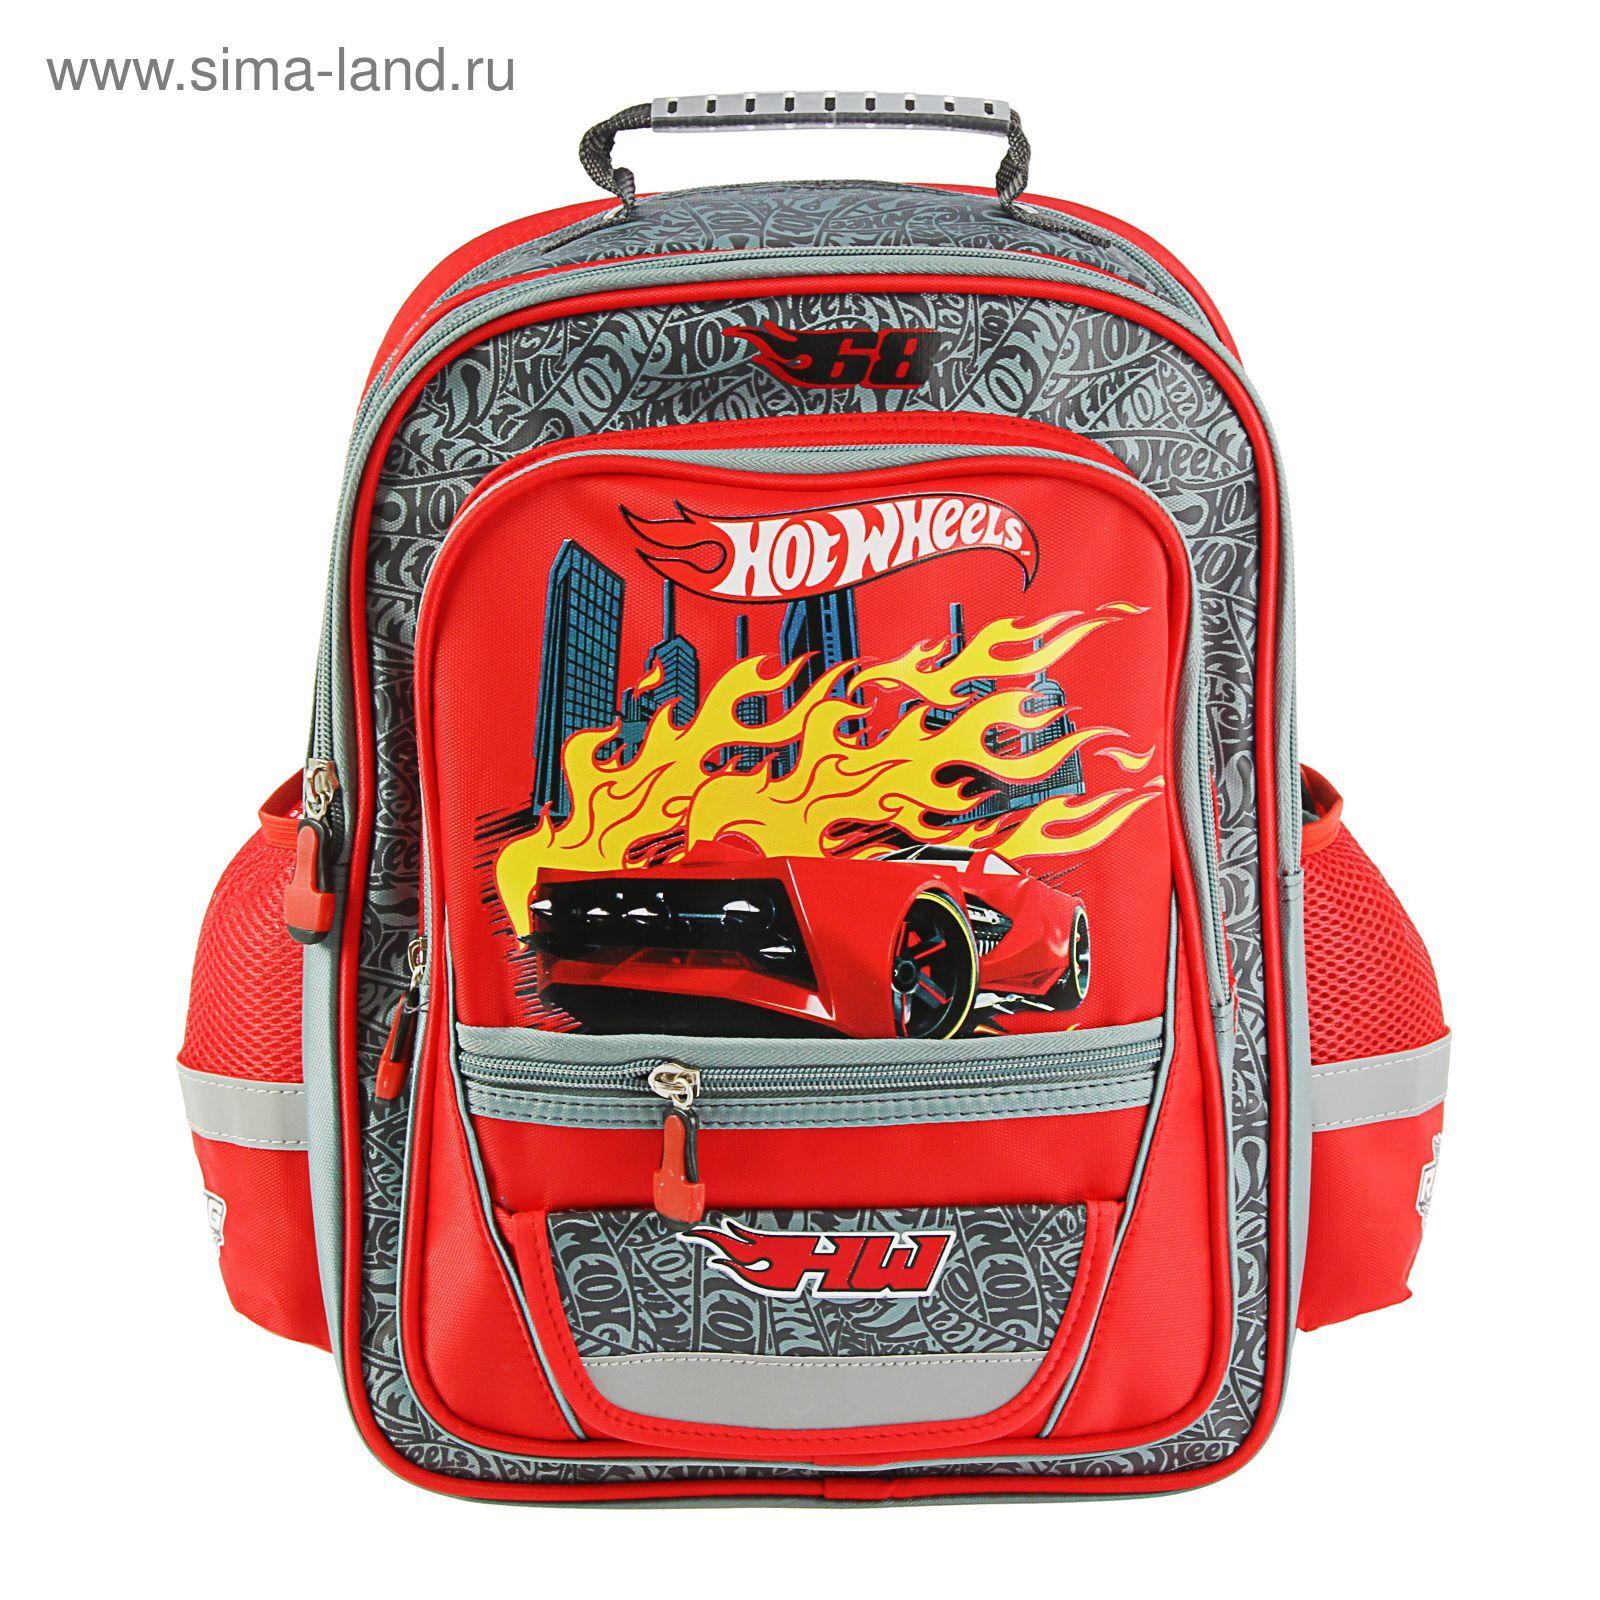 ef156197cdb9 Рюкзак Mattel Hot Wheels Junior 39*34*19 для мальчика, красный ...